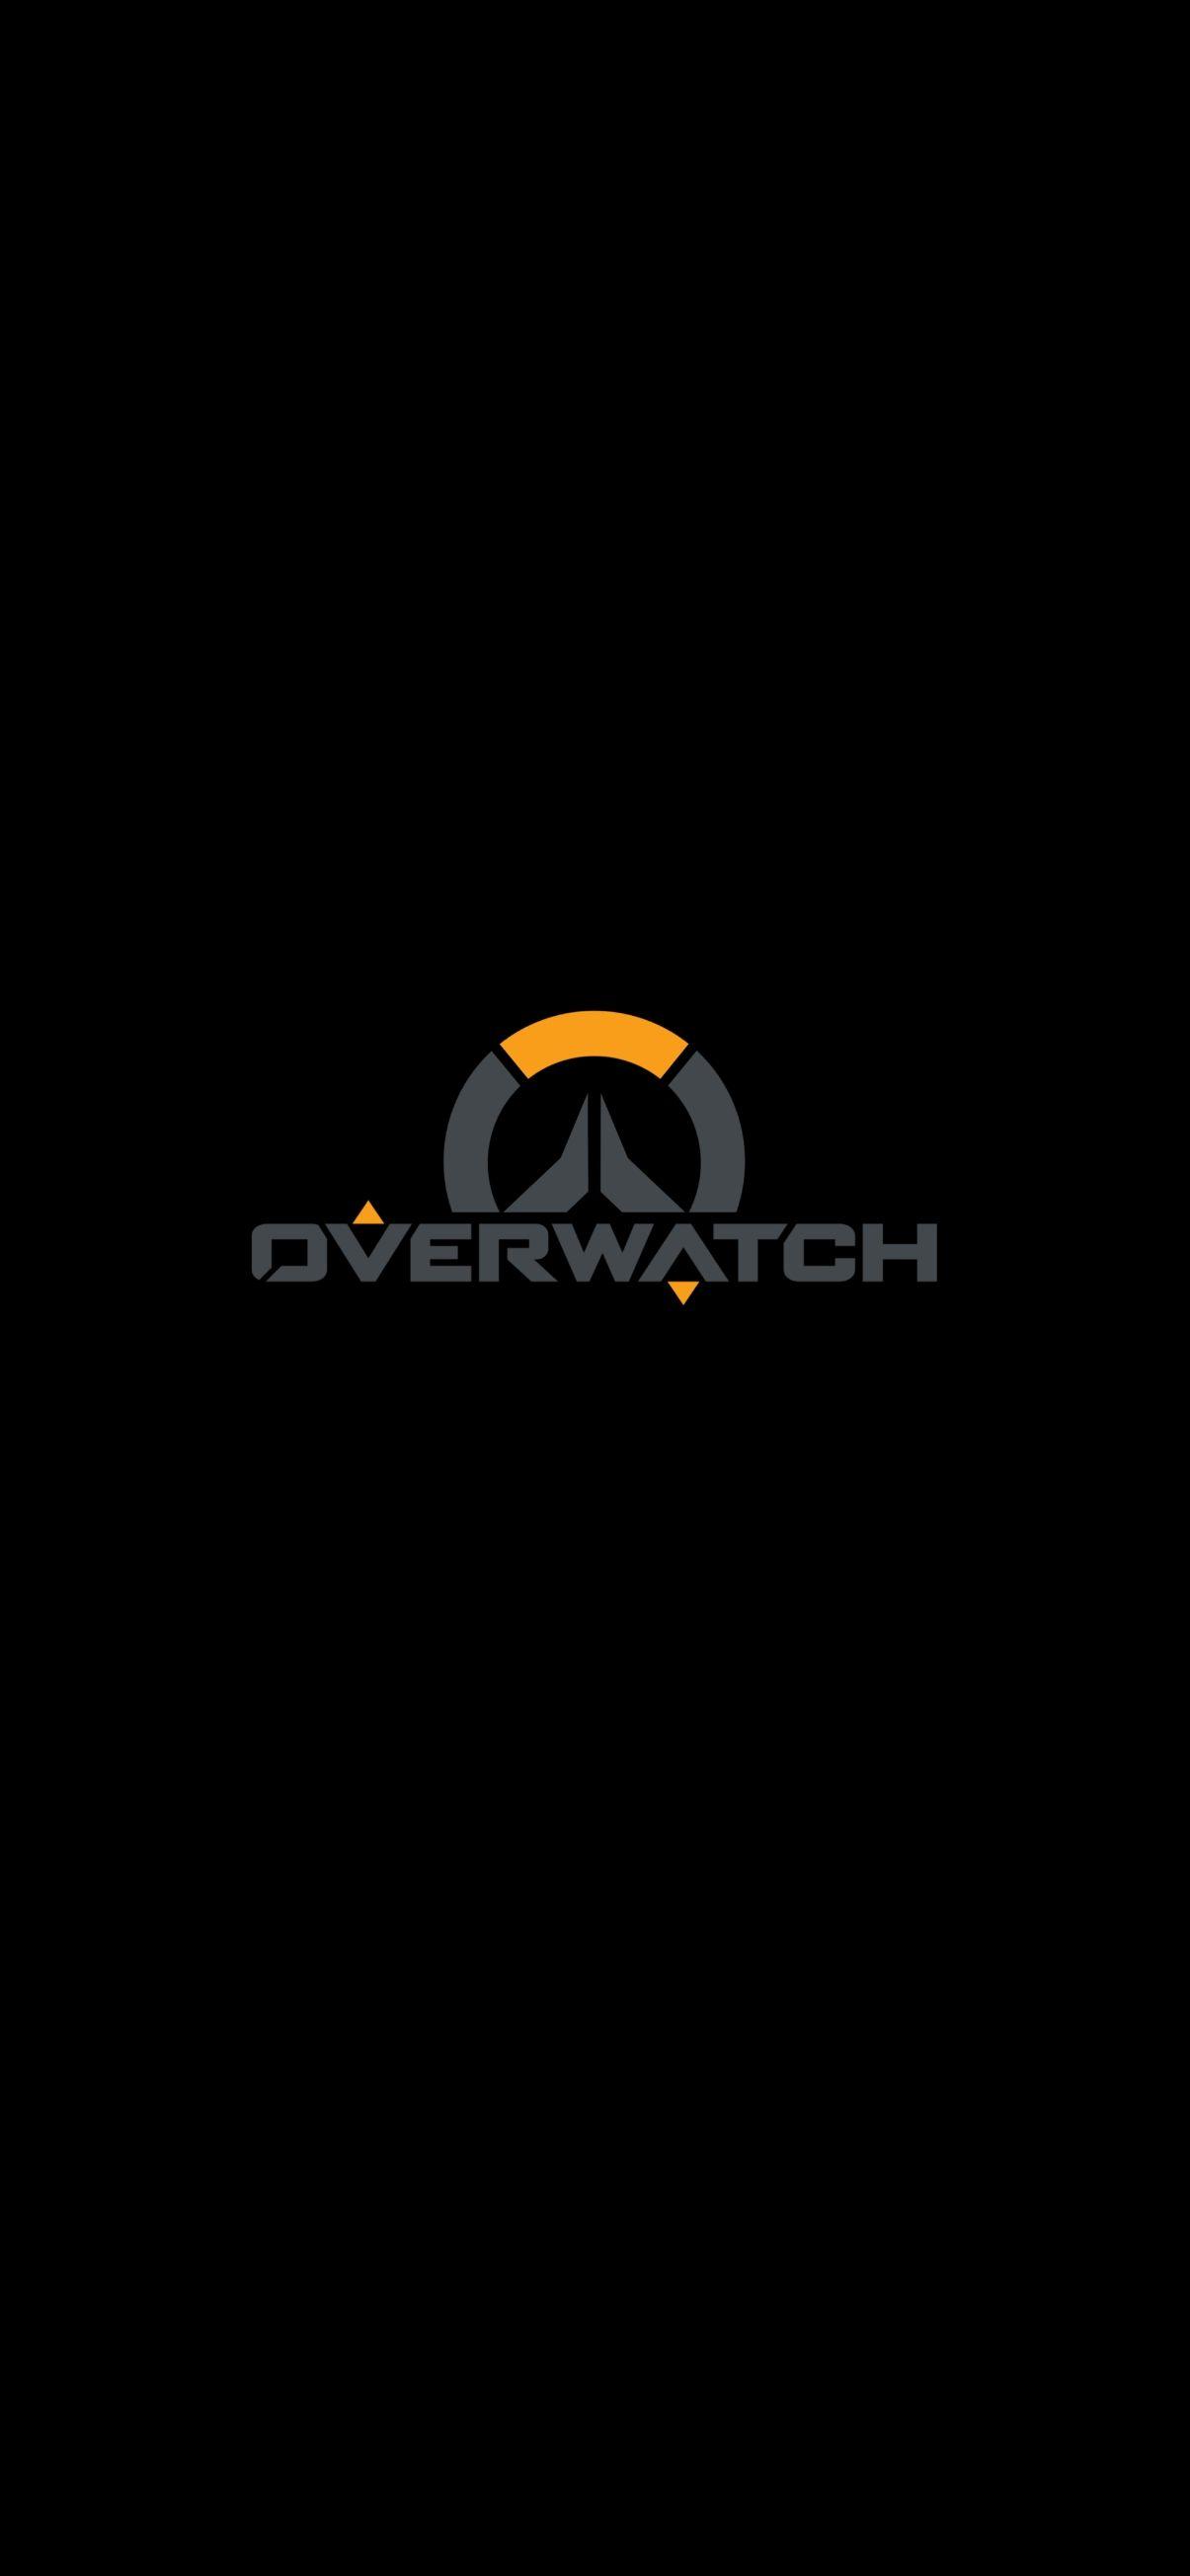 Overwatch Logo Wallpaper Mobile Overwatch Wallpapers Overwatch Wallpaper